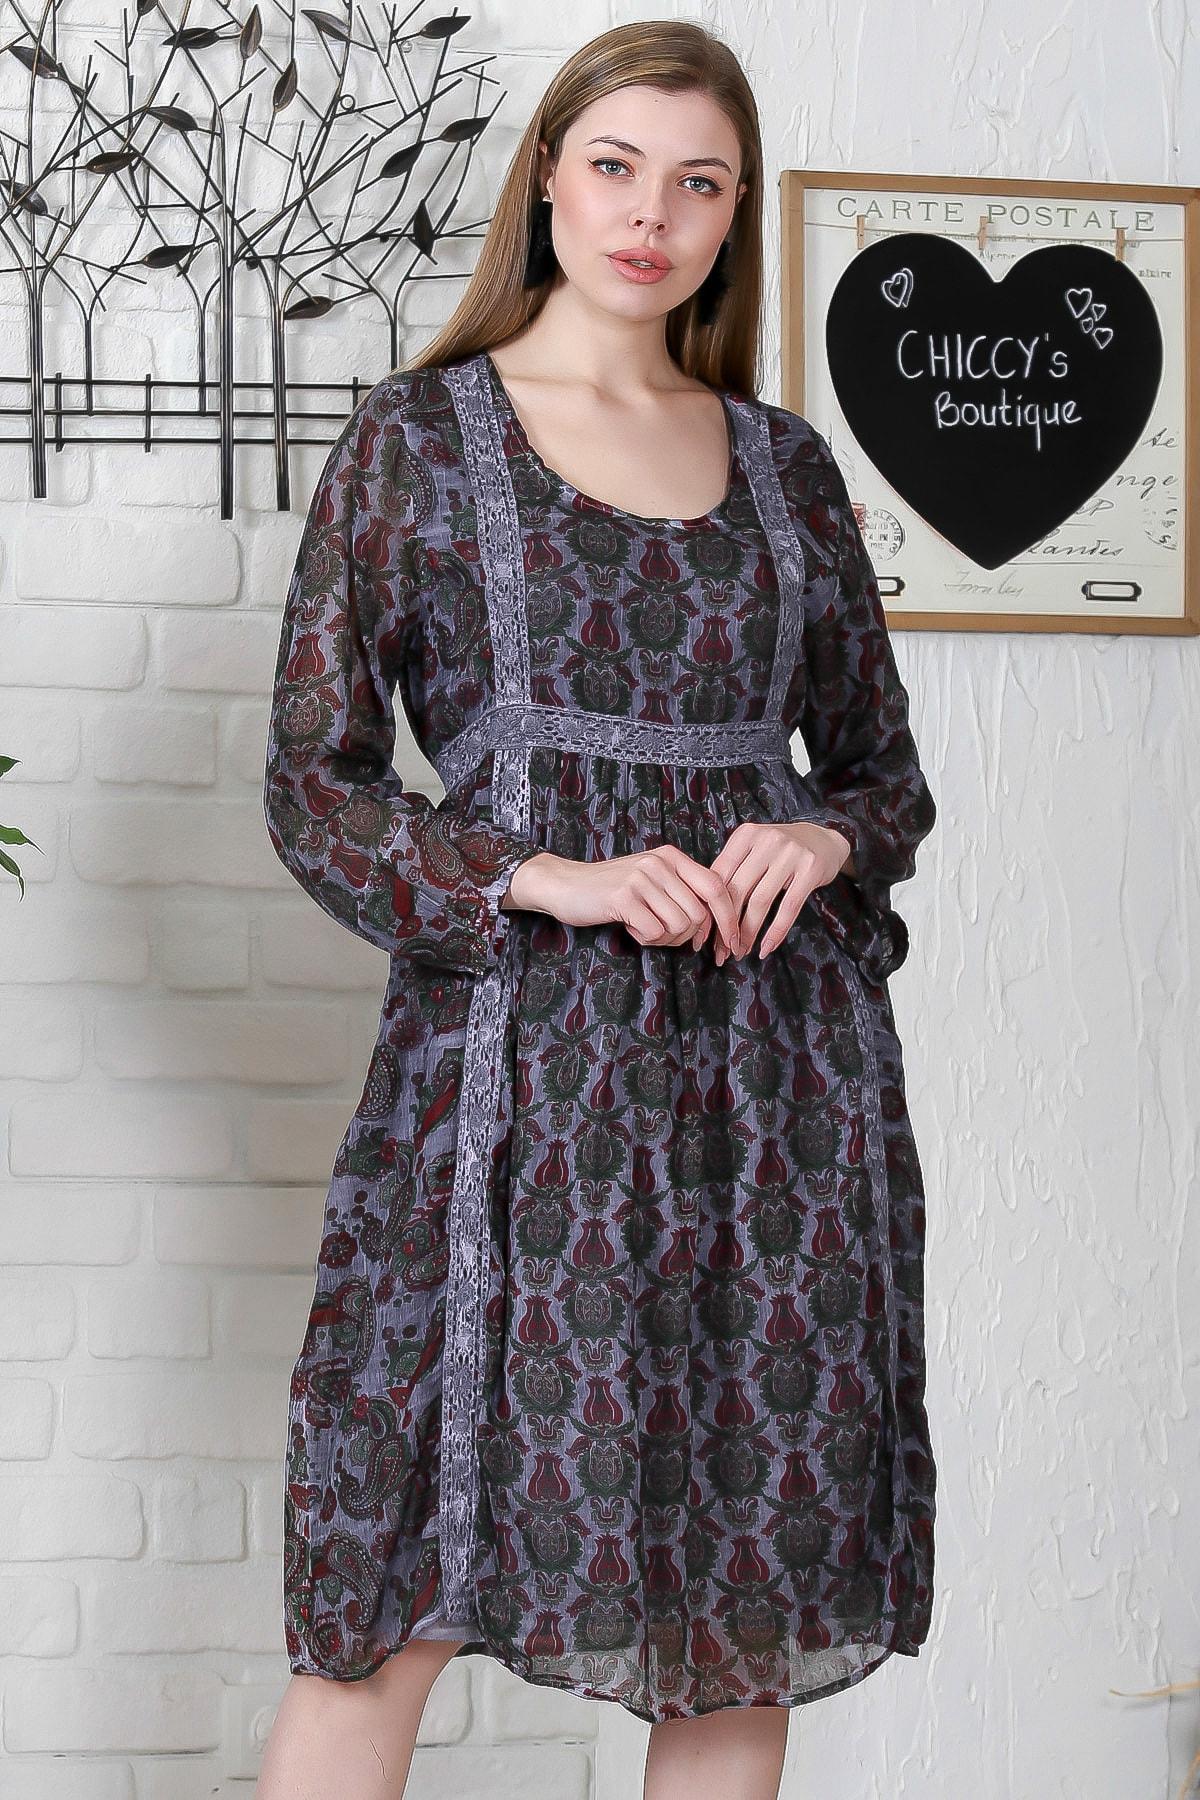 Chiccy Kadın Füme U Yaka Lale Desenli Kopanaki Detaylı Astarlı Yıkamalı Uzun Kol Elbise M10160000EL95265